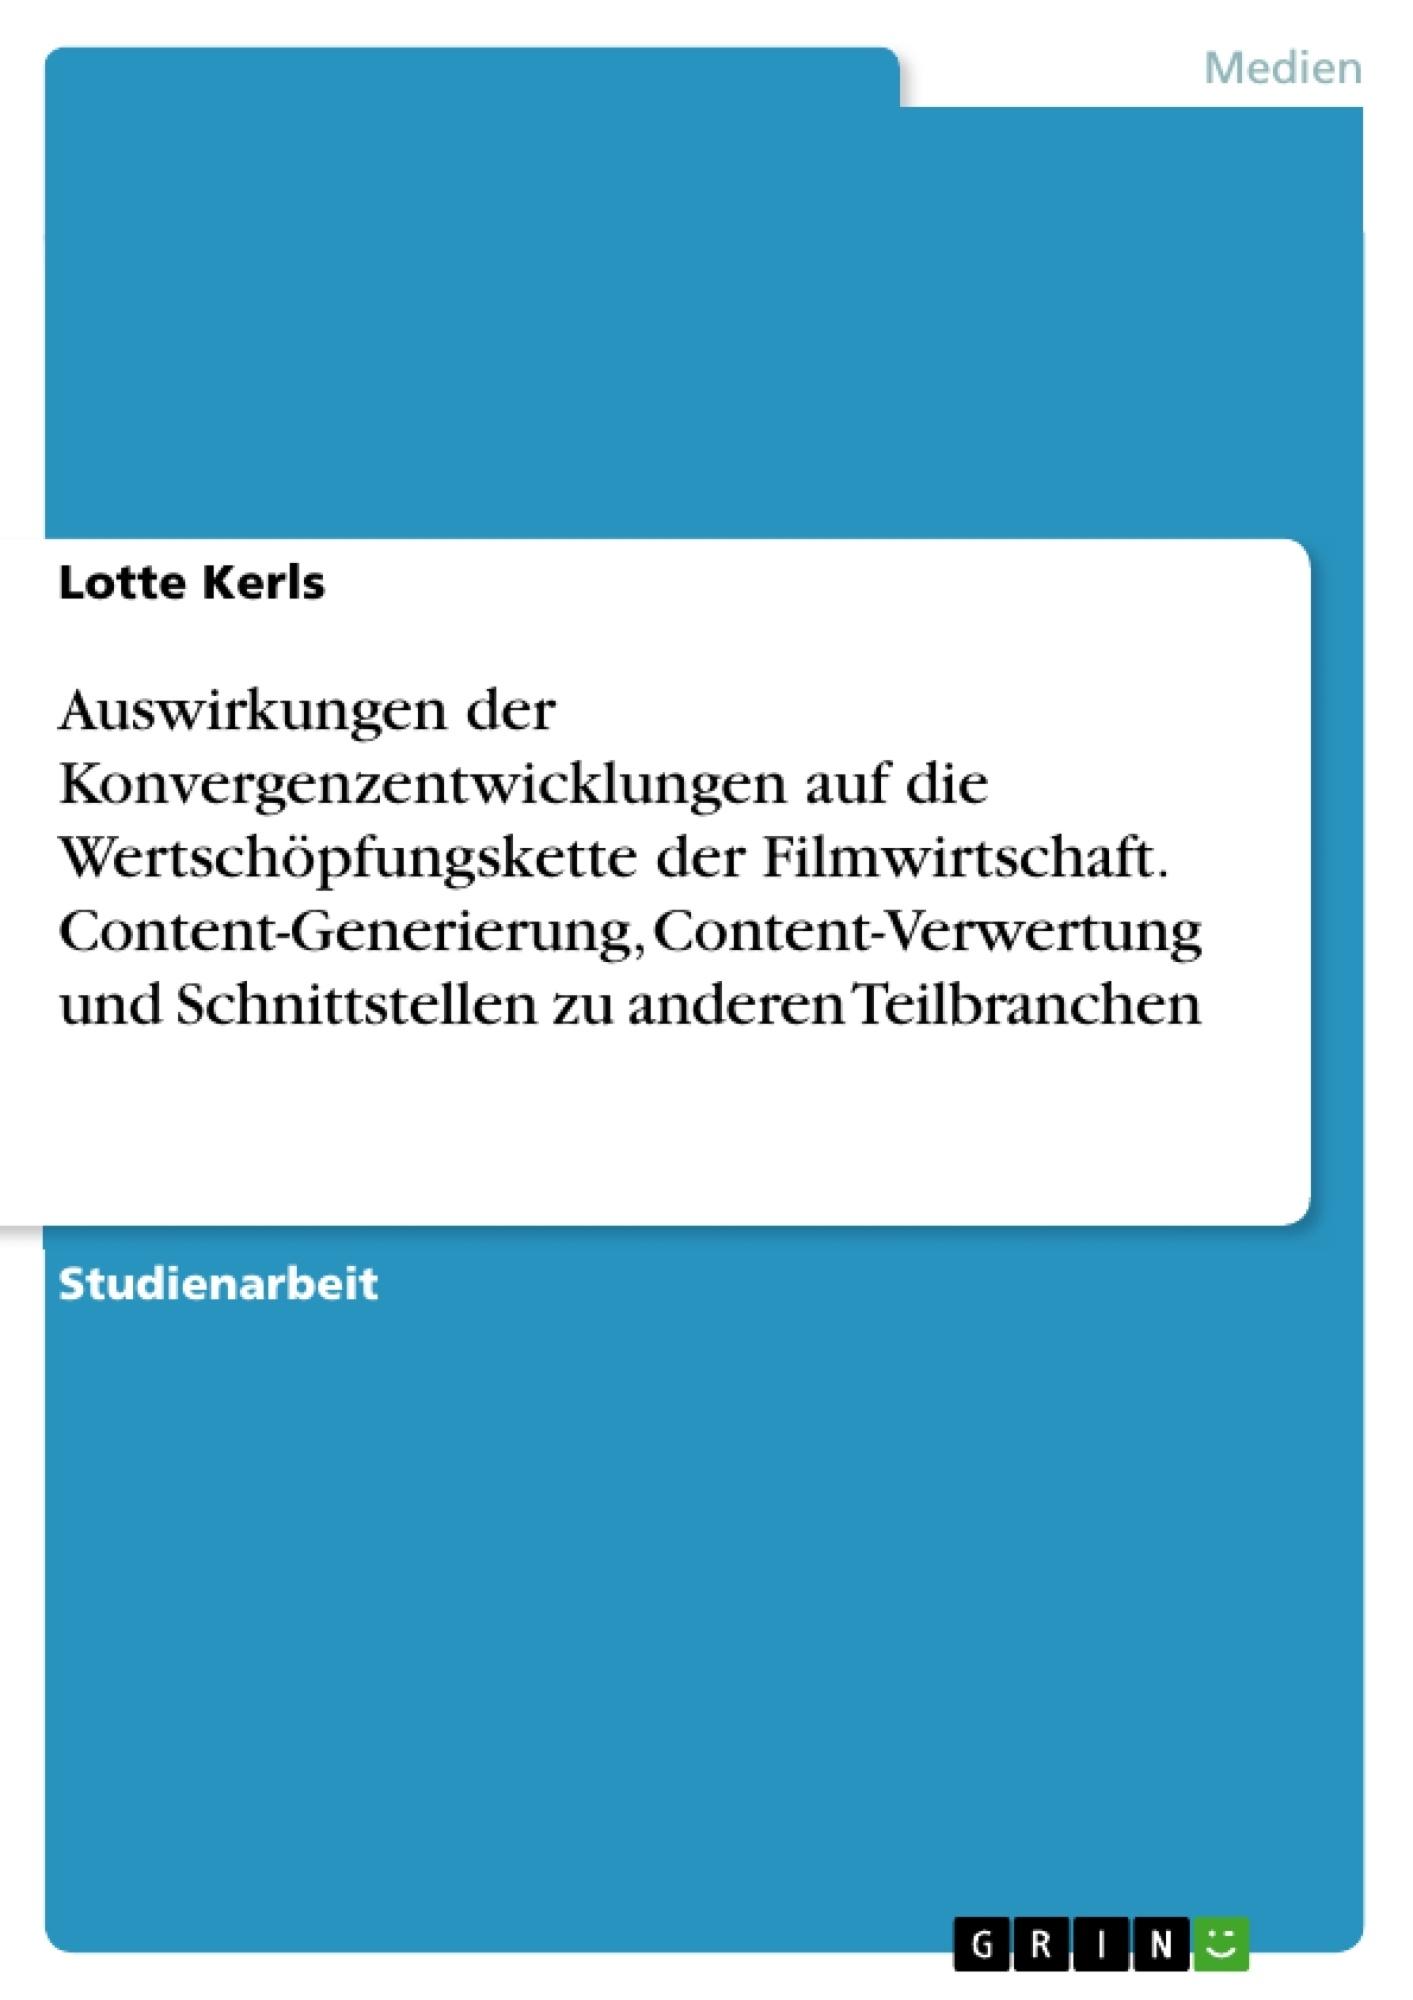 Titel: Auswirkungen der Konvergenzentwicklungen auf die Wertschöpfungskette der Filmwirtschaft. Content-Generierung, Content-Verwertung und Schnittstellen zu anderen Teilbranchen